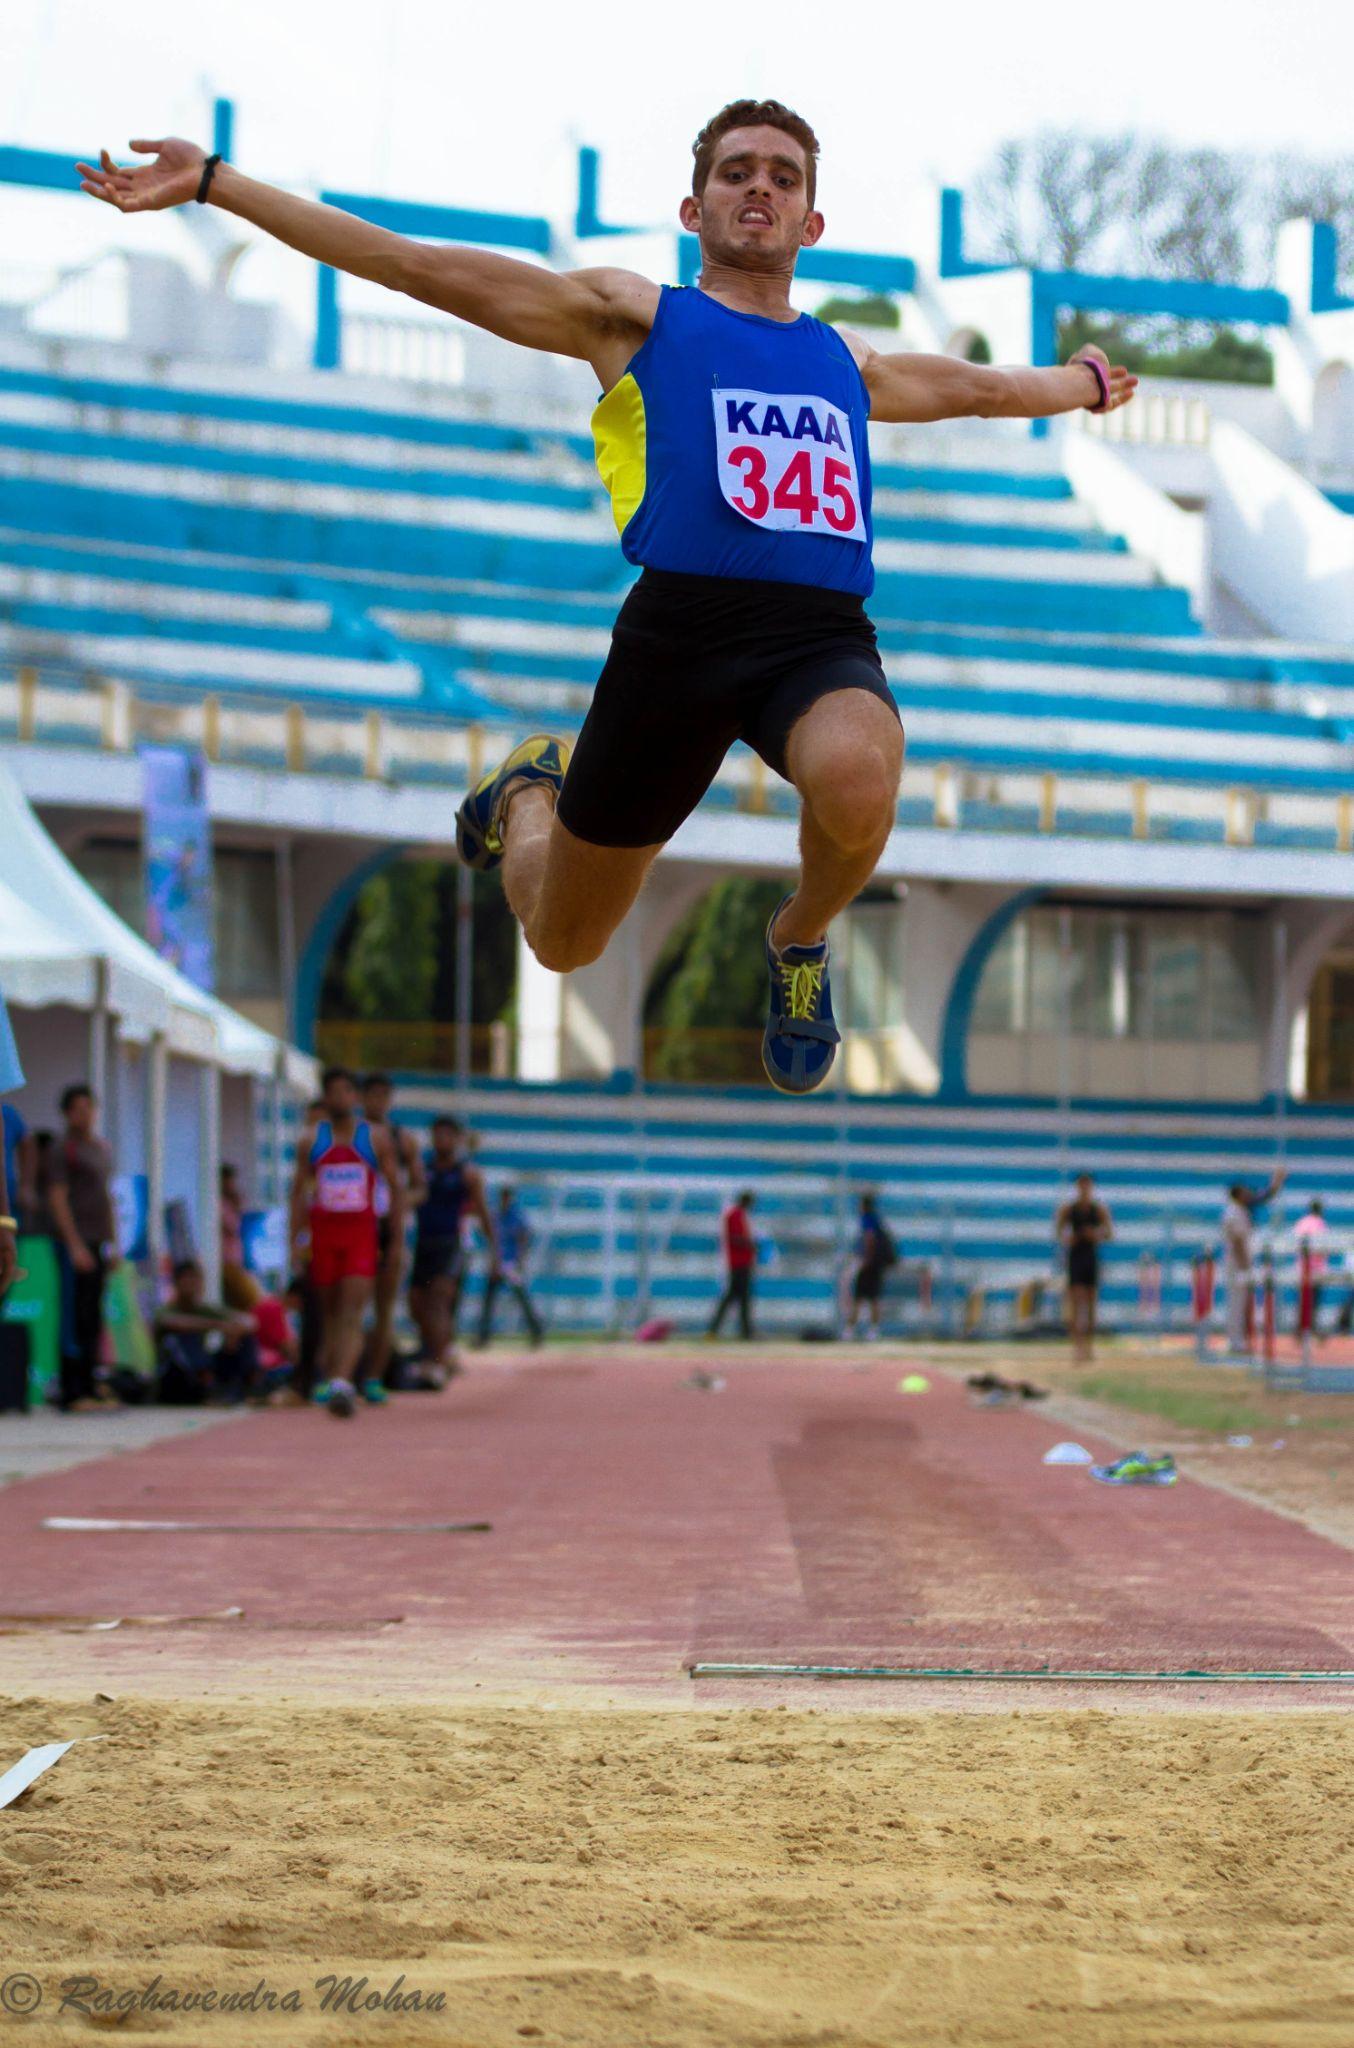 High by Raghu Mohan